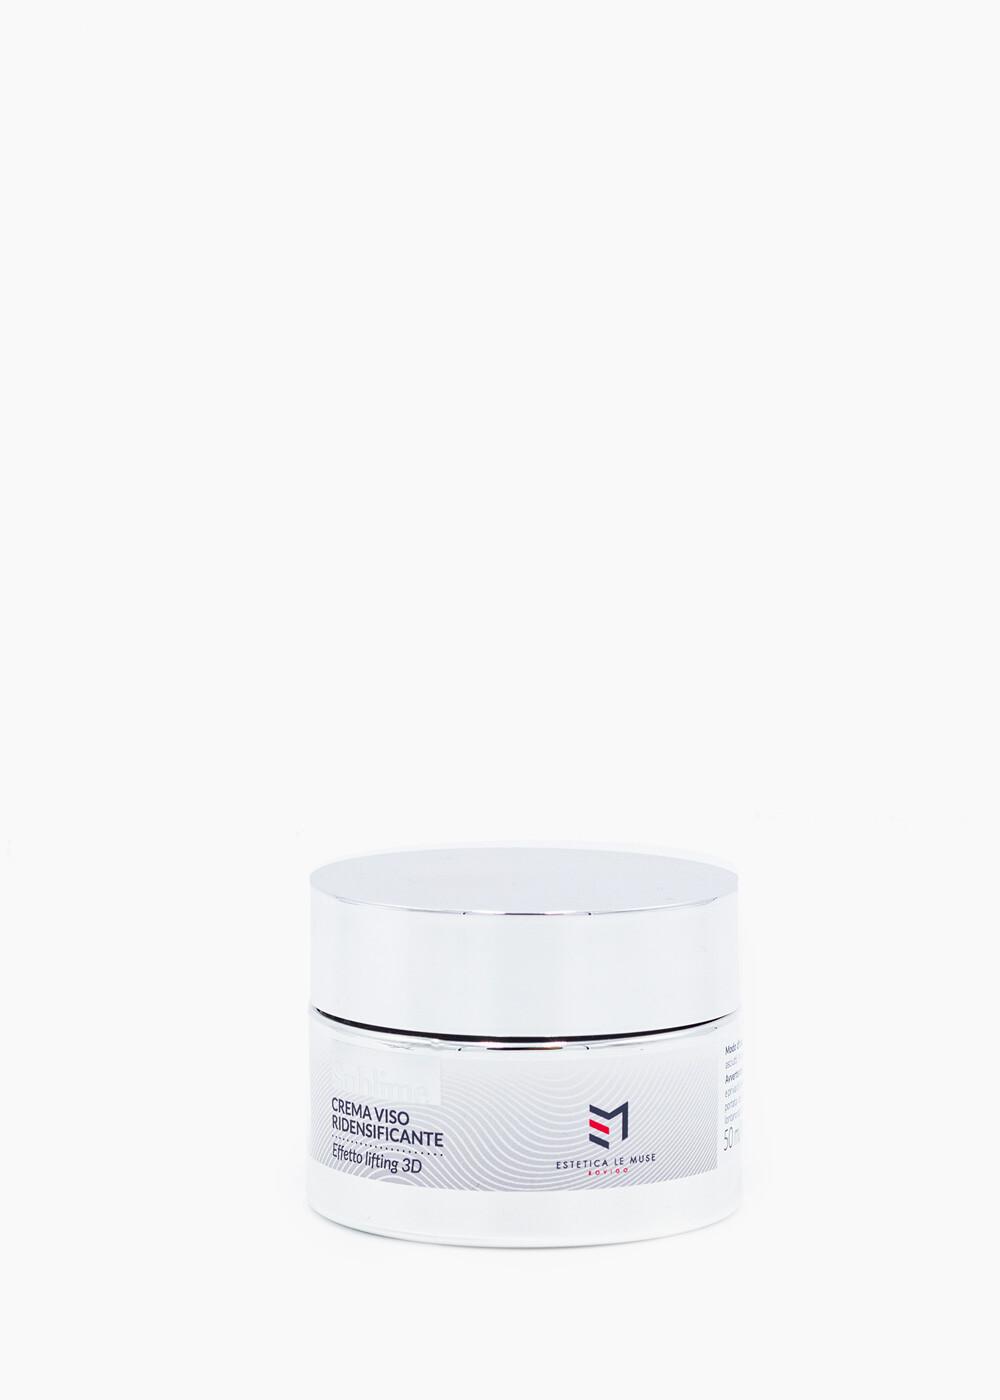 trattamento-anti-eta-crema-protettiva-estetica-le-muse-VY74T6YGE8